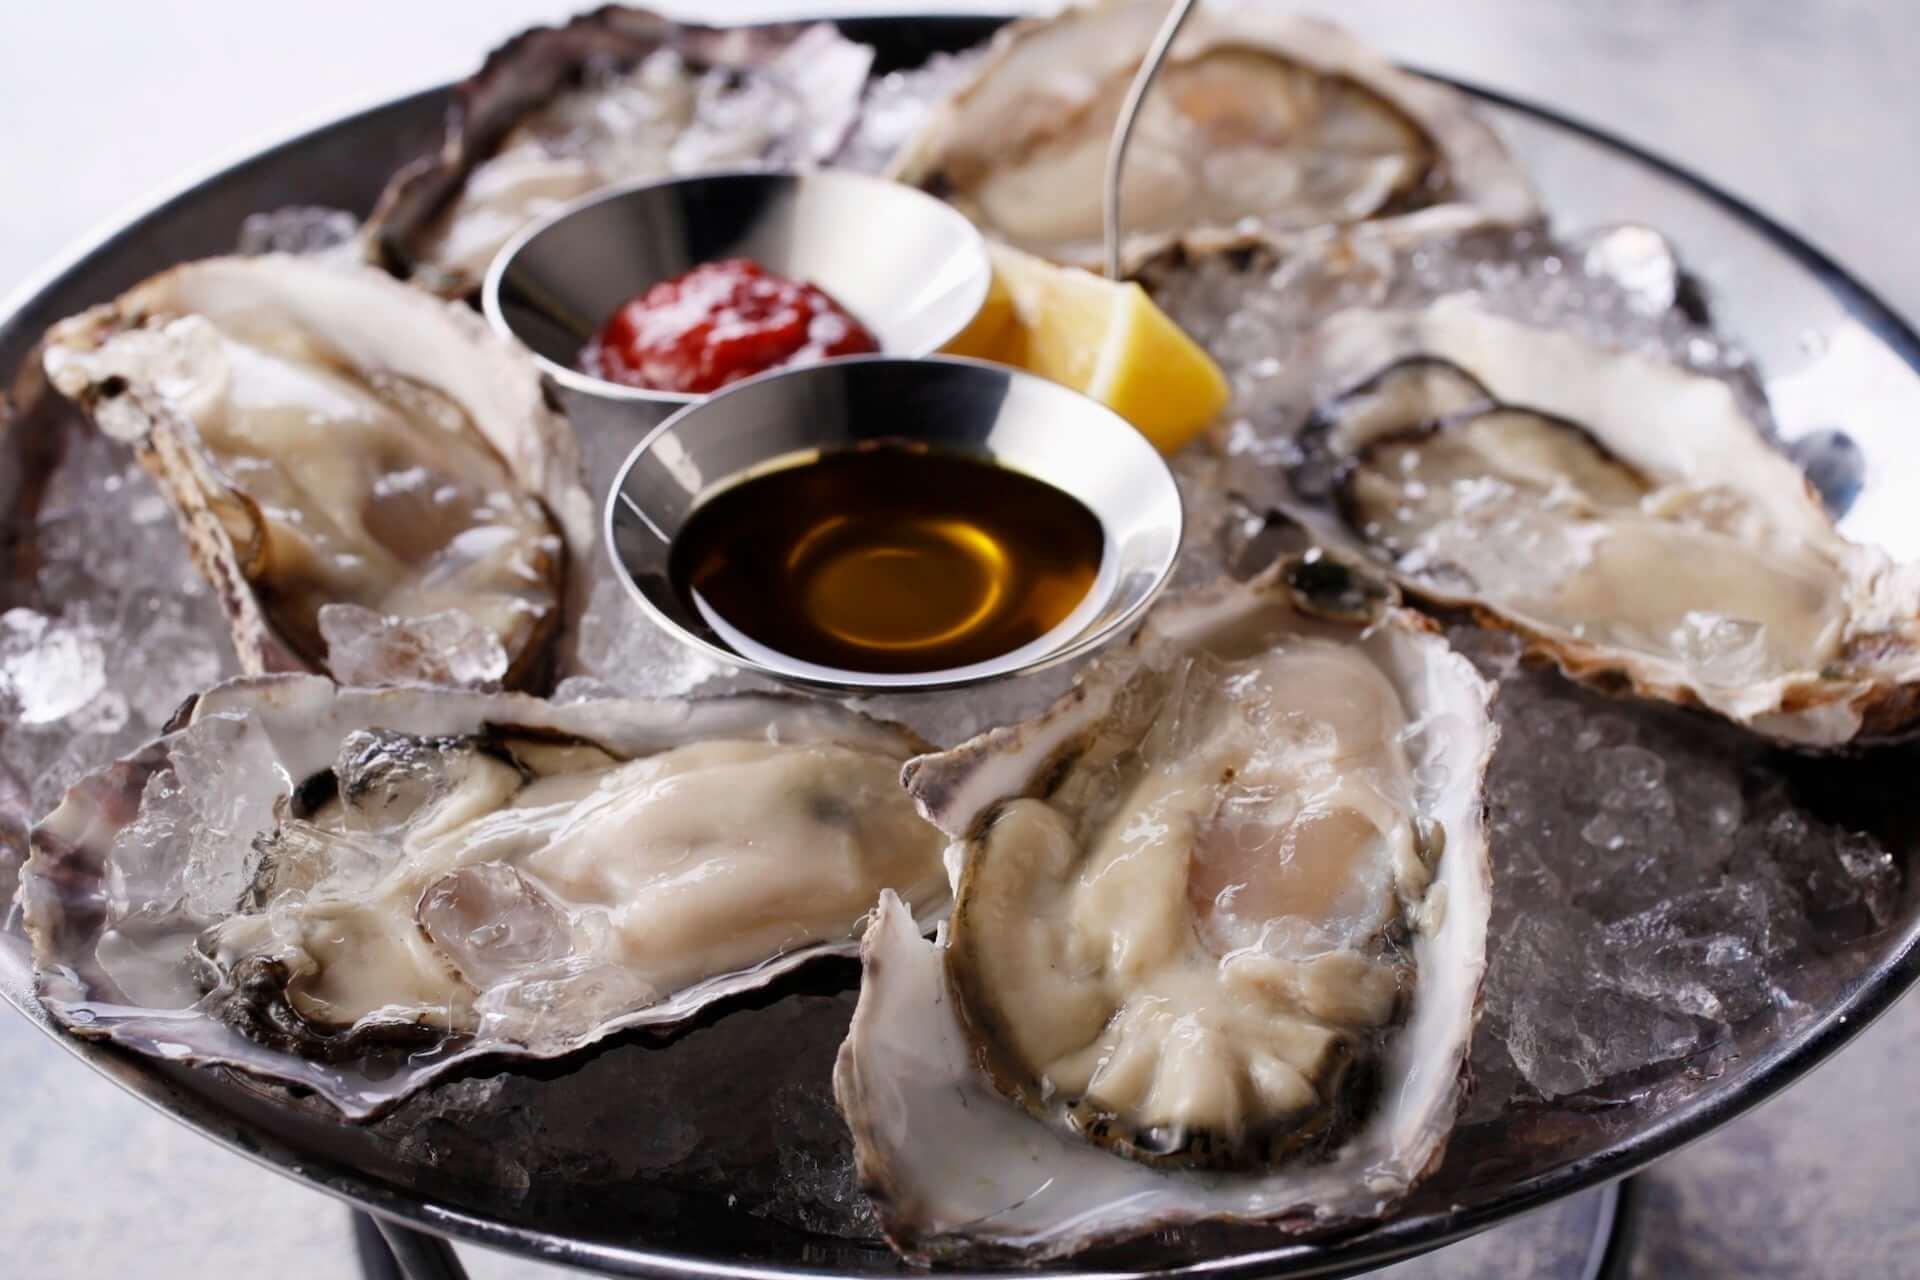 旬を迎えた「オマール海老」を堪能しよう!新宿のイタリアン・cicciで<とびきり美味しいオマール海老フェア>が明日開催 gourmet200902_cicci-shinjuku_4-1920x1280